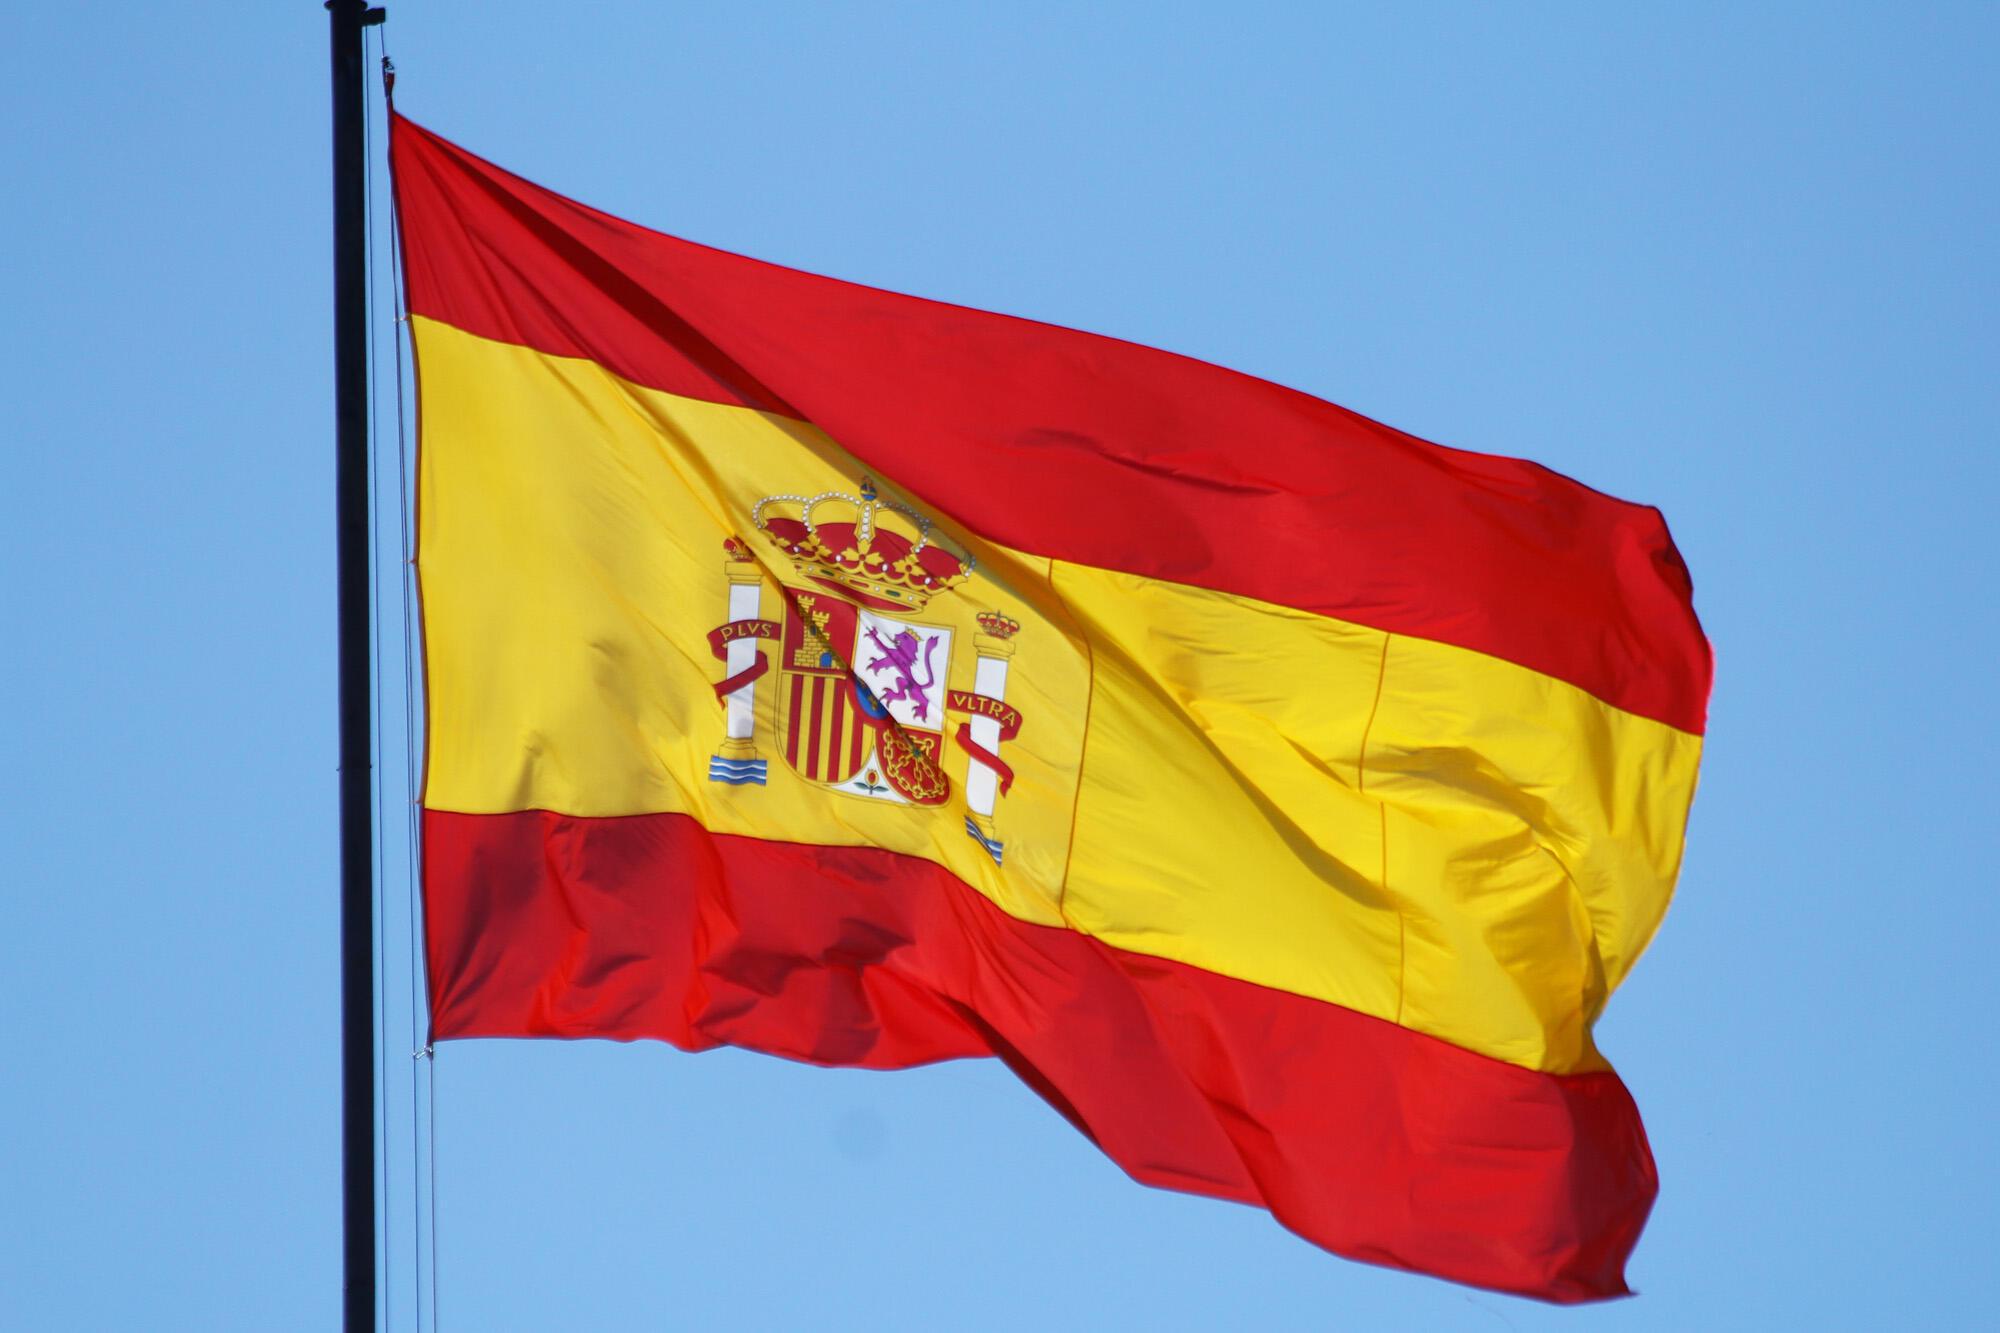 L'hymne espagnol est l'un des symboles de la fédération espagnole avec le drapeau espagnol.